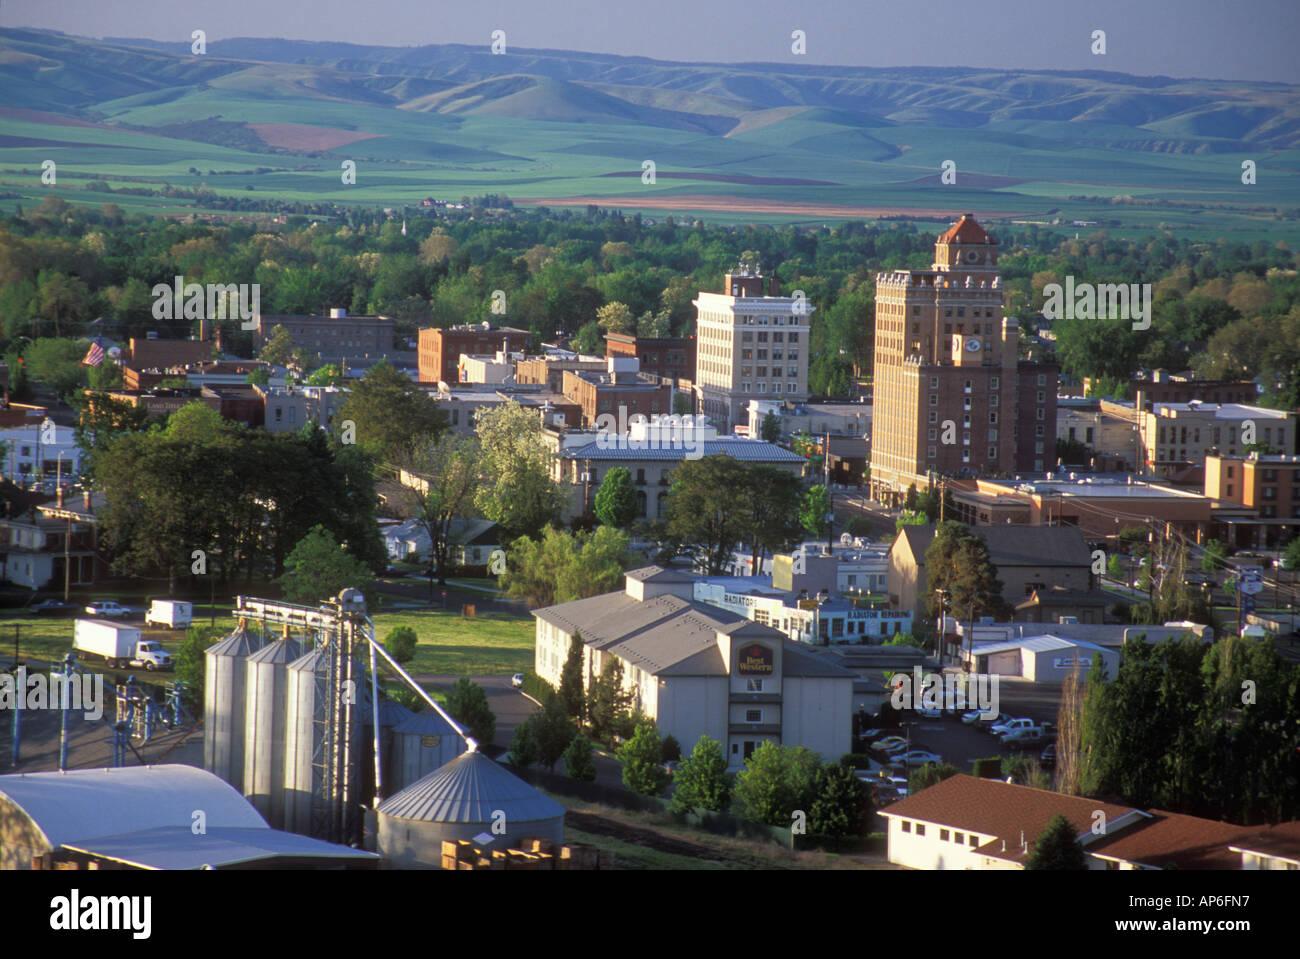 usa washington walla walla historic downtown walla walla with the